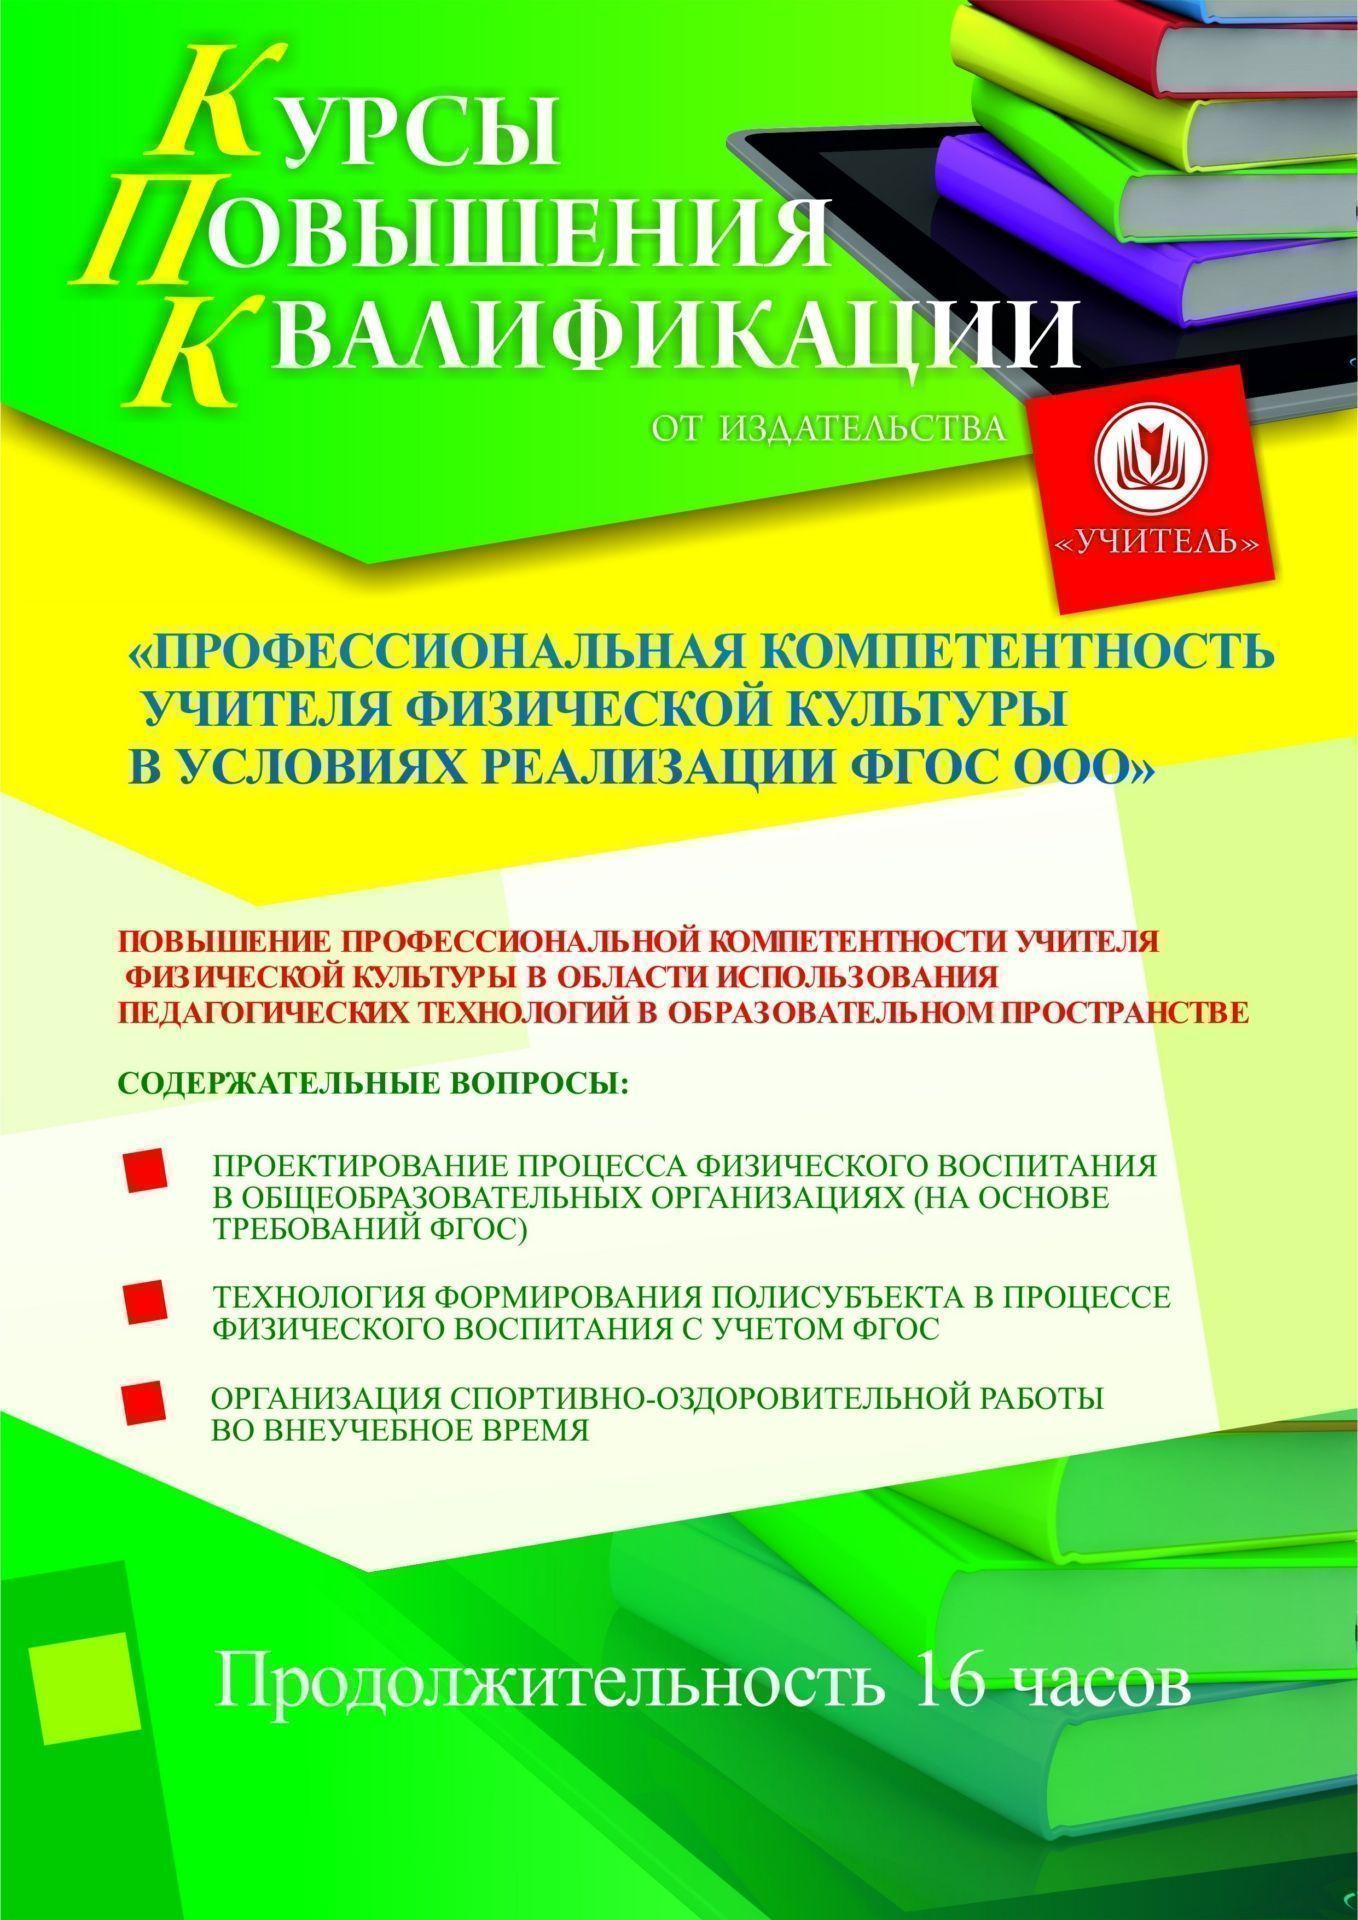 Профессиональная компетентность учителя физической культуры в условиях реализации ФГОС ООО фото